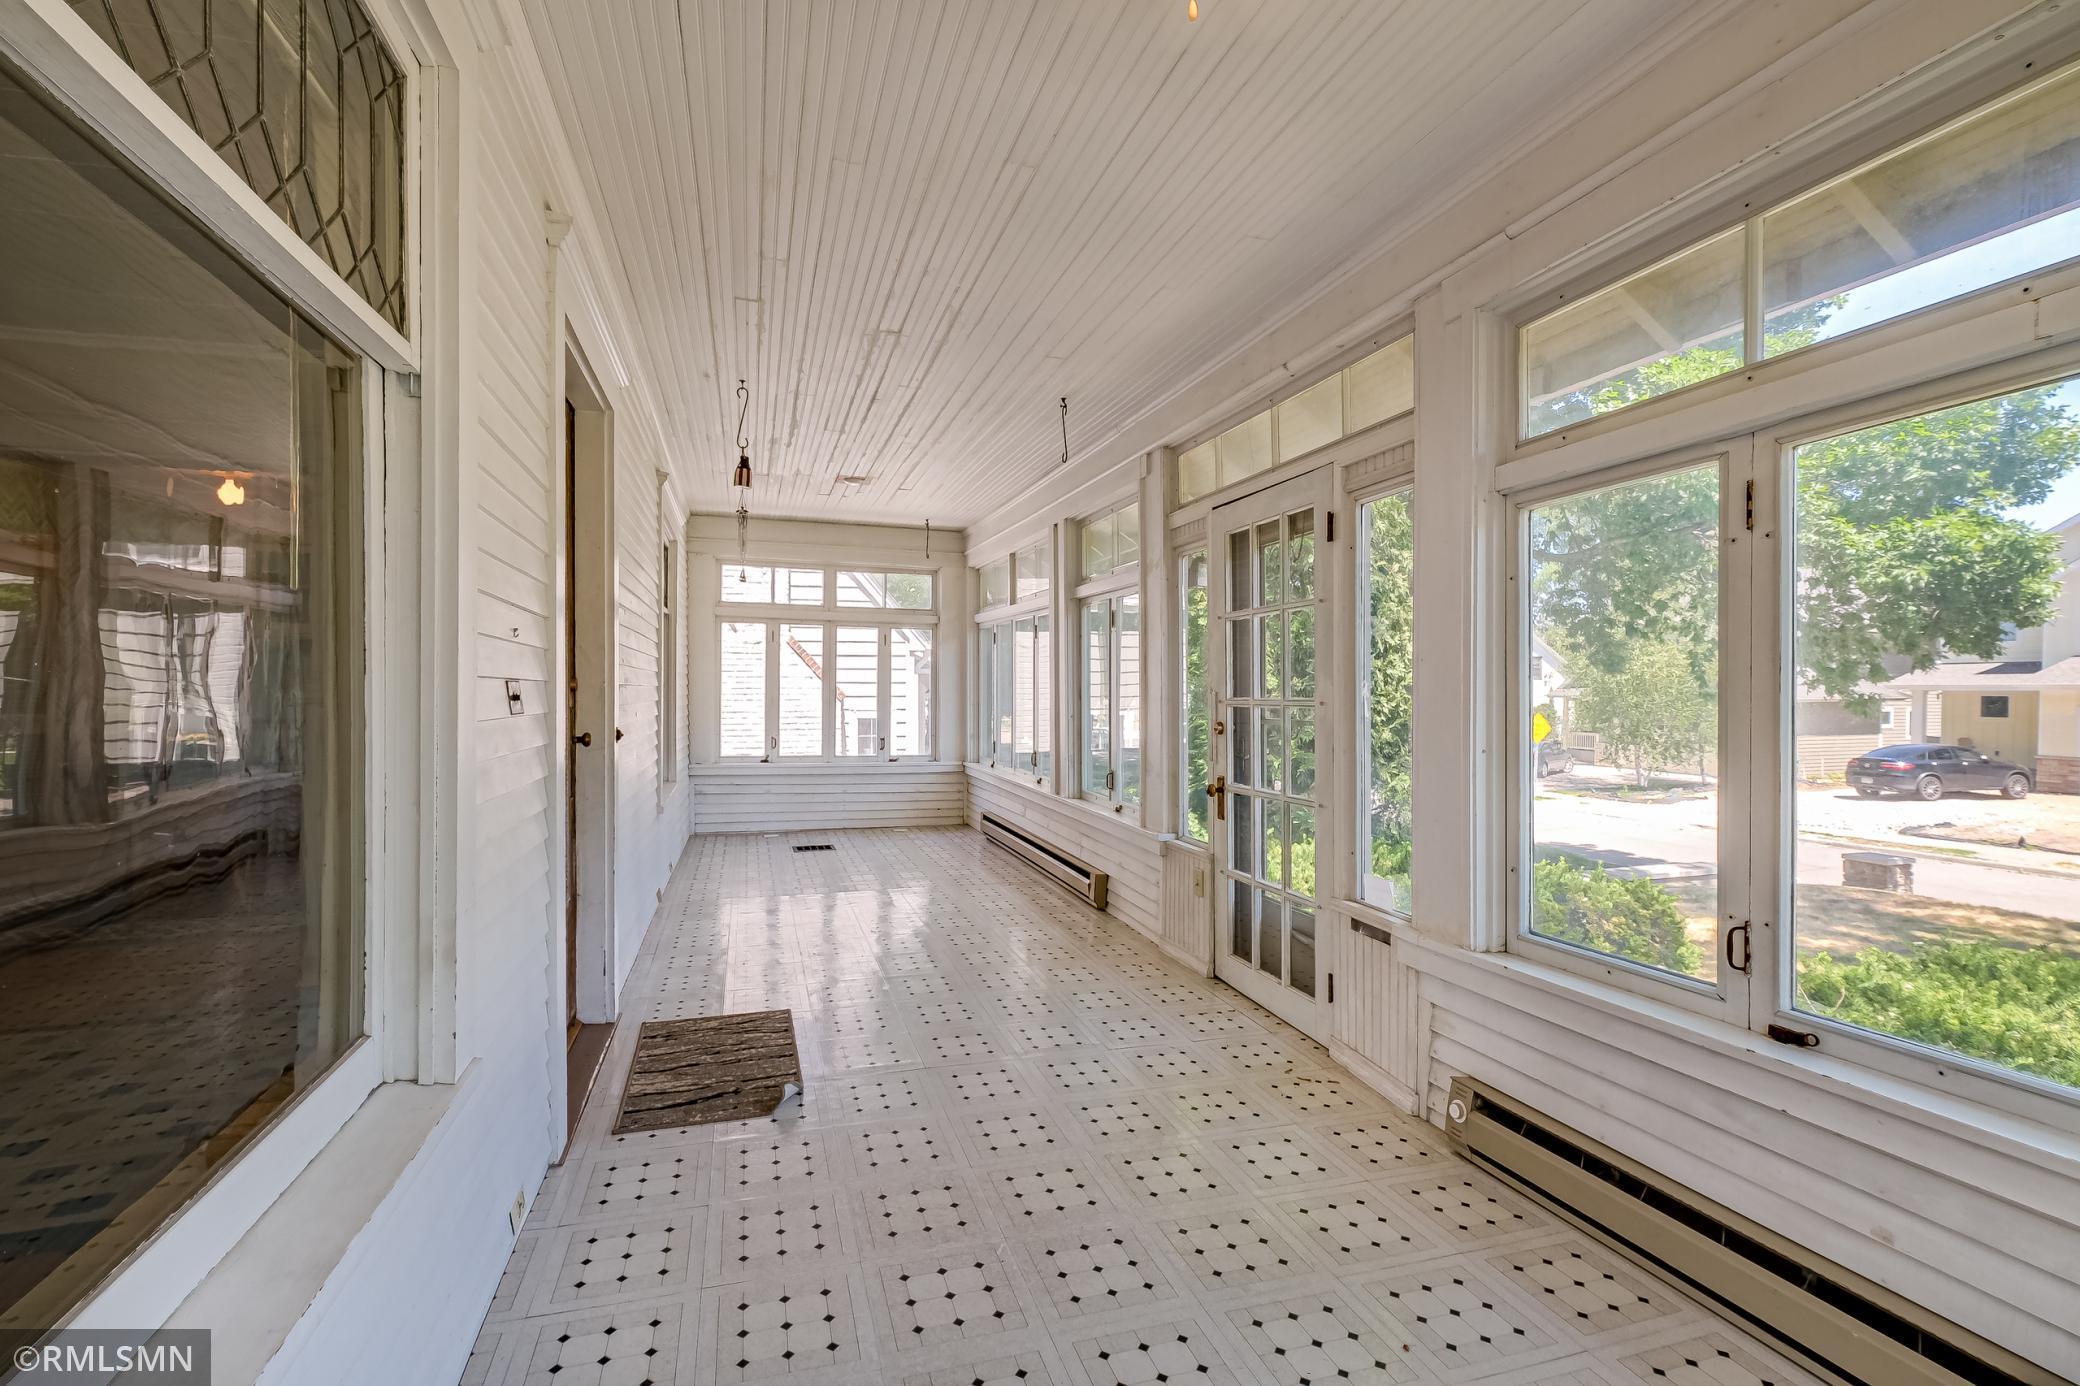 4246 Alden Drive, Edina, Minnesota 55416, 3 Bedrooms Bedrooms, ,1 BathroomBathrooms,Residential,For Sale,Alden,NST6018303